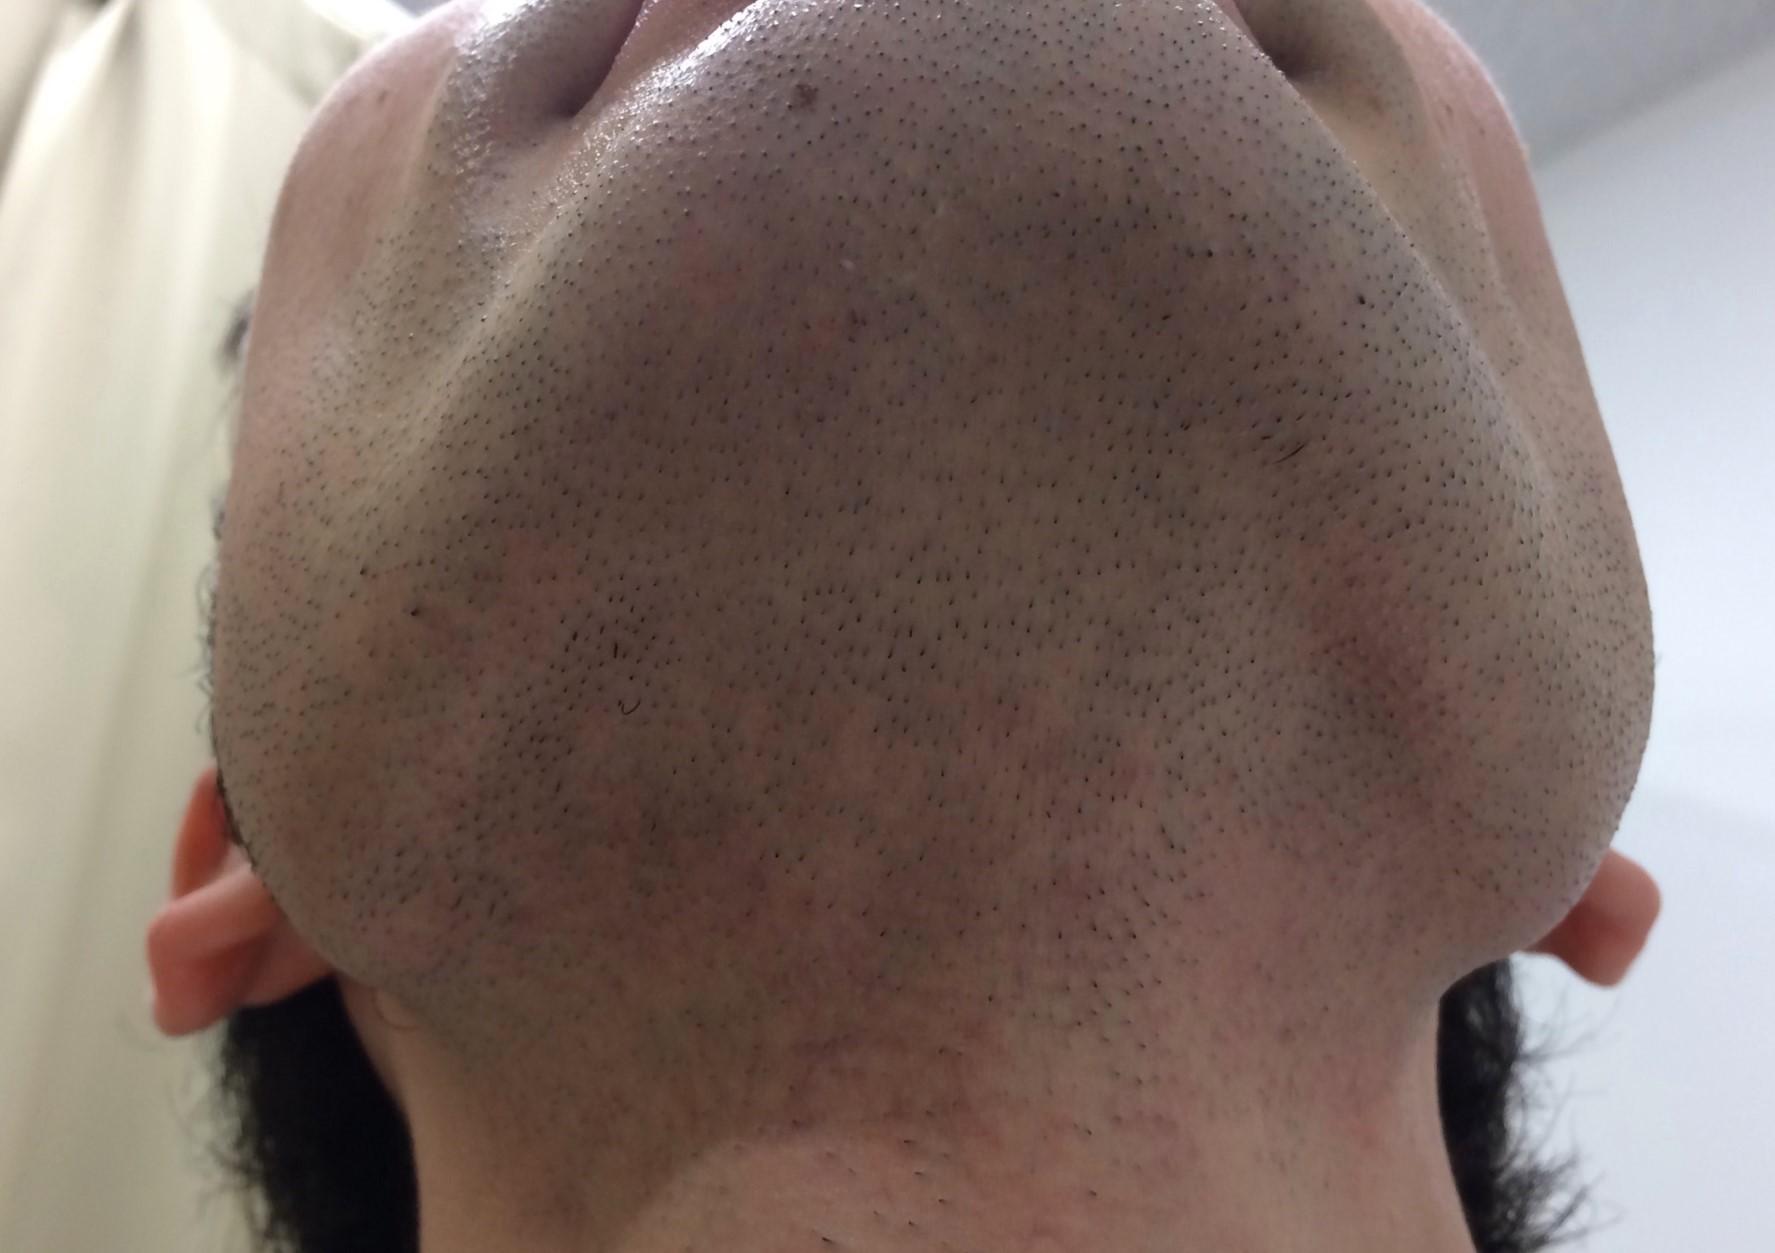 ひげ脱毛6回目の施術を受けた後の男性のあご下